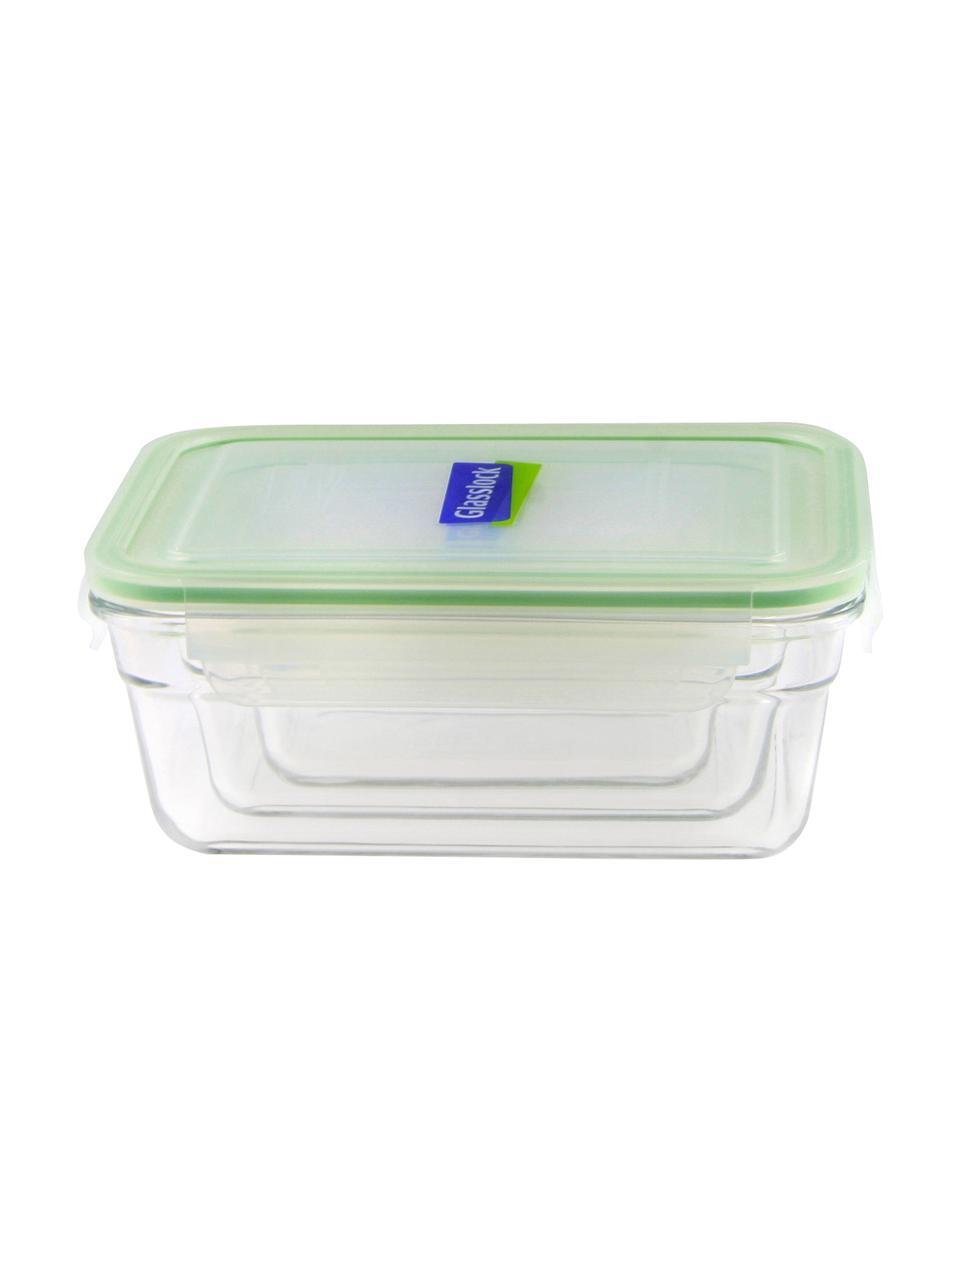 Set 3 contenitori per alimenti Luna, Contenitore: vetro temperato, privo di, Trasparente, verde chiaro, Set in varie misure